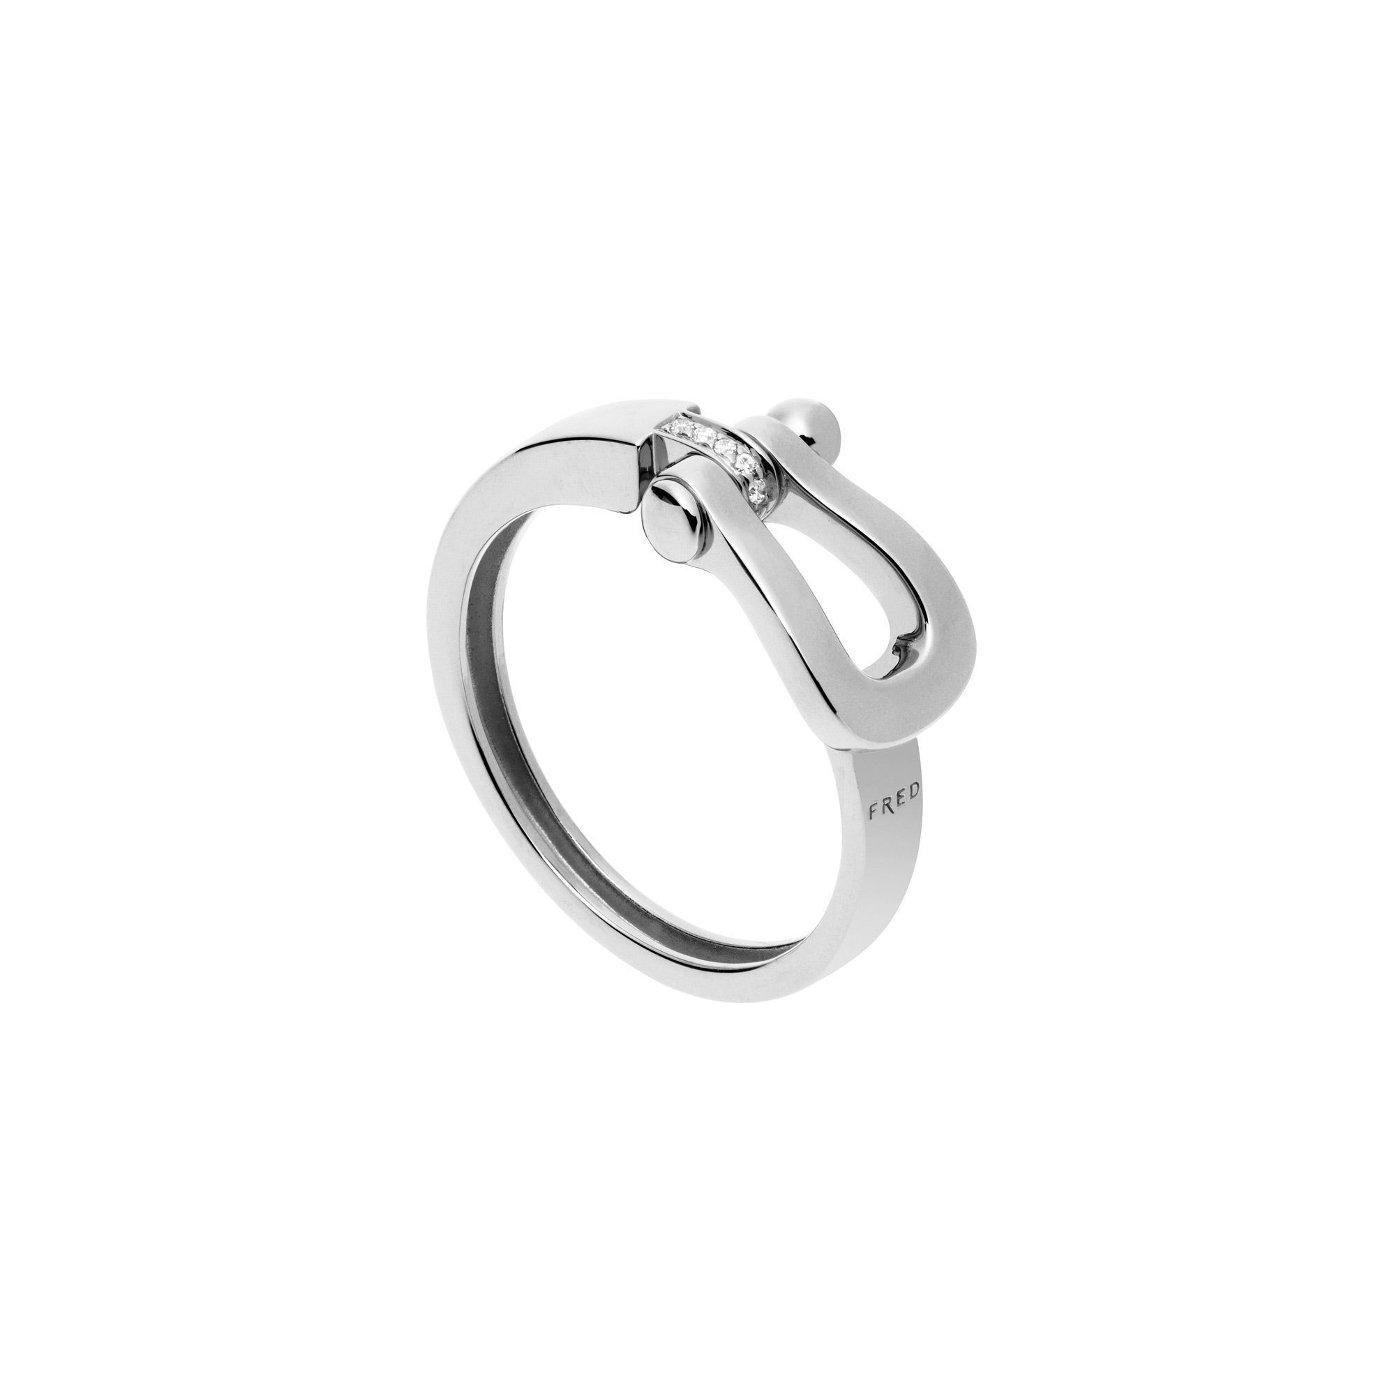 Bague FRED Force 10 moyen modèle en Or blanc et Diamant vue 1